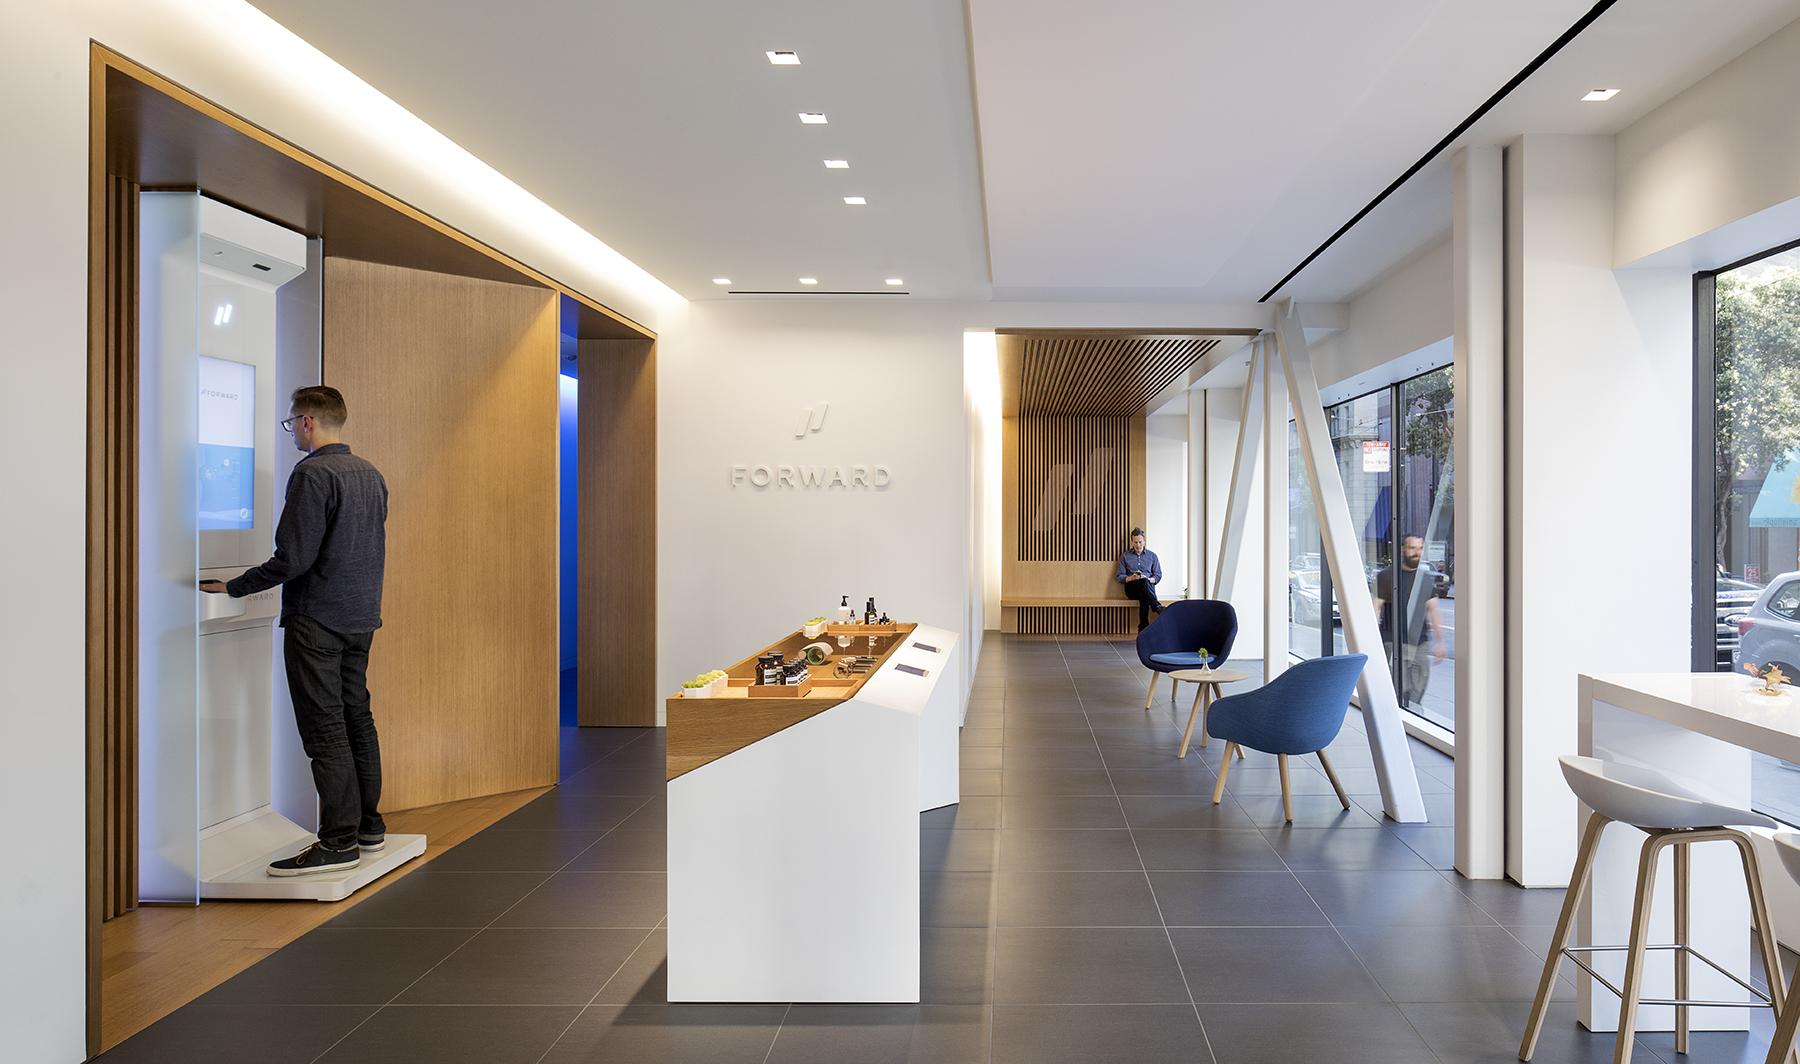 Forward Retail Space